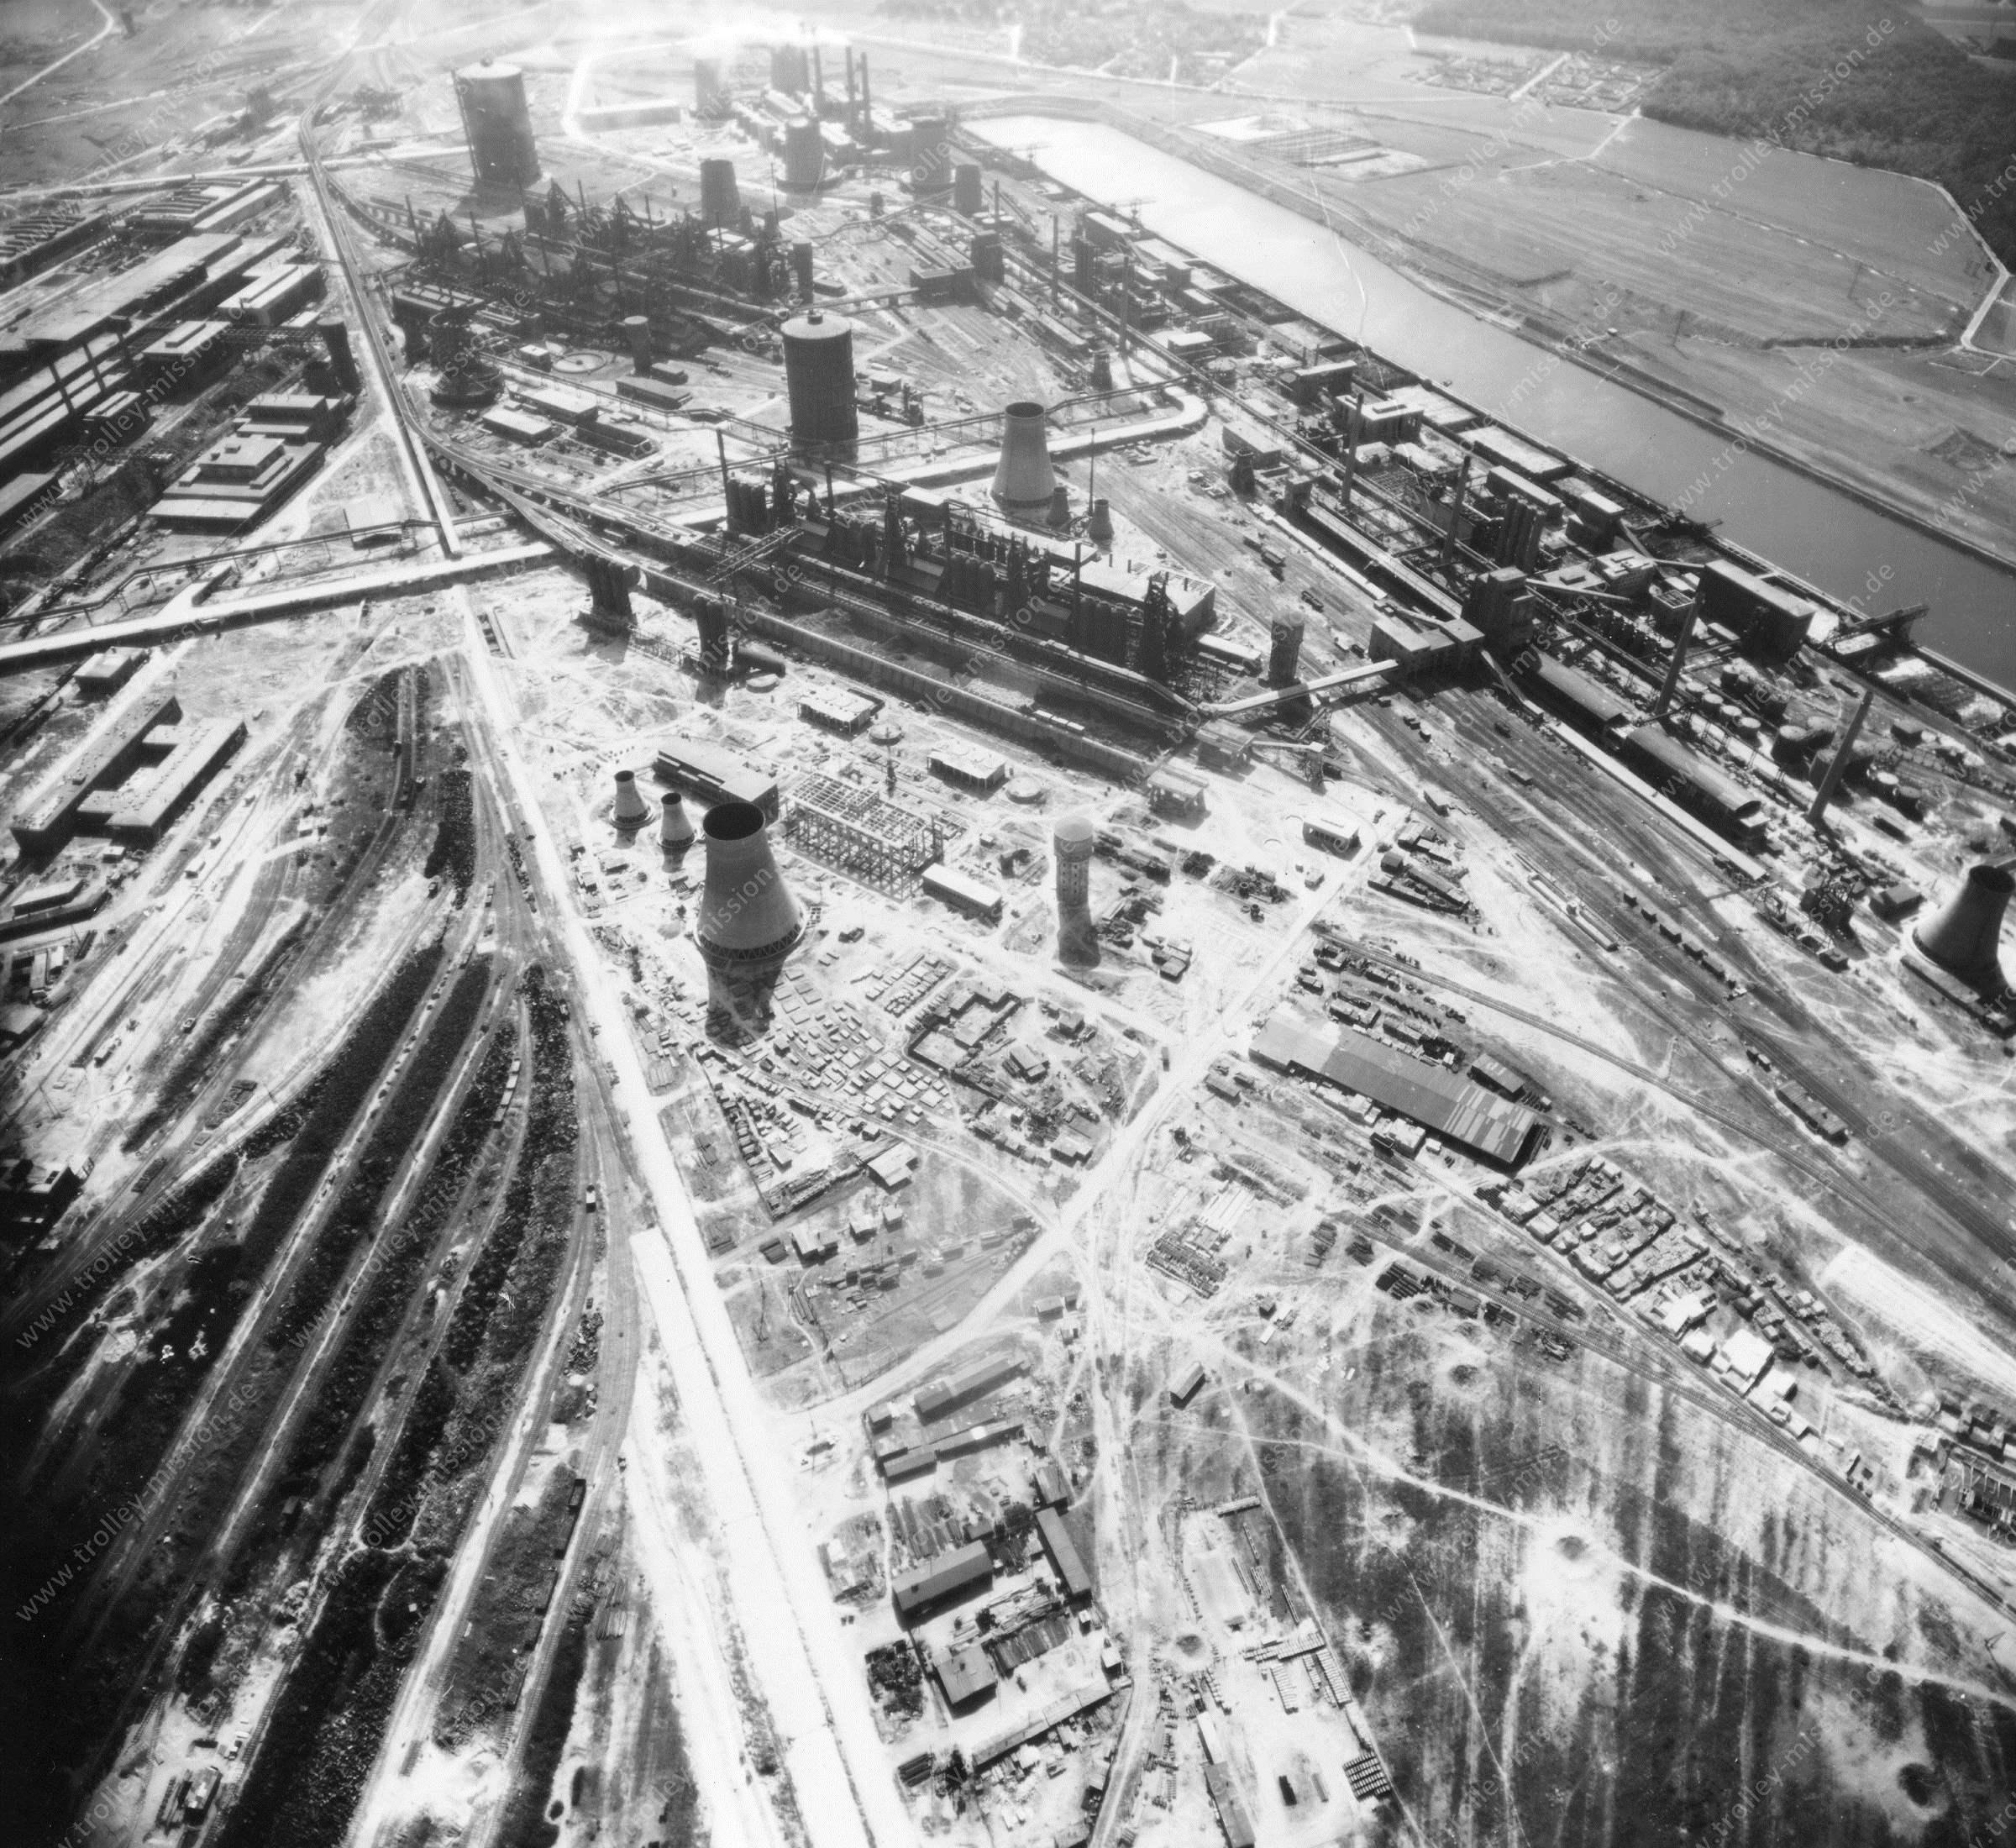 Luftbild der Hermann Göring Reichswerke AG für Erzbergbau und Eisenhütten in Salzgitter am 12. Mai 1945 - Luftbildserie 6/7 der US Luftwaffe